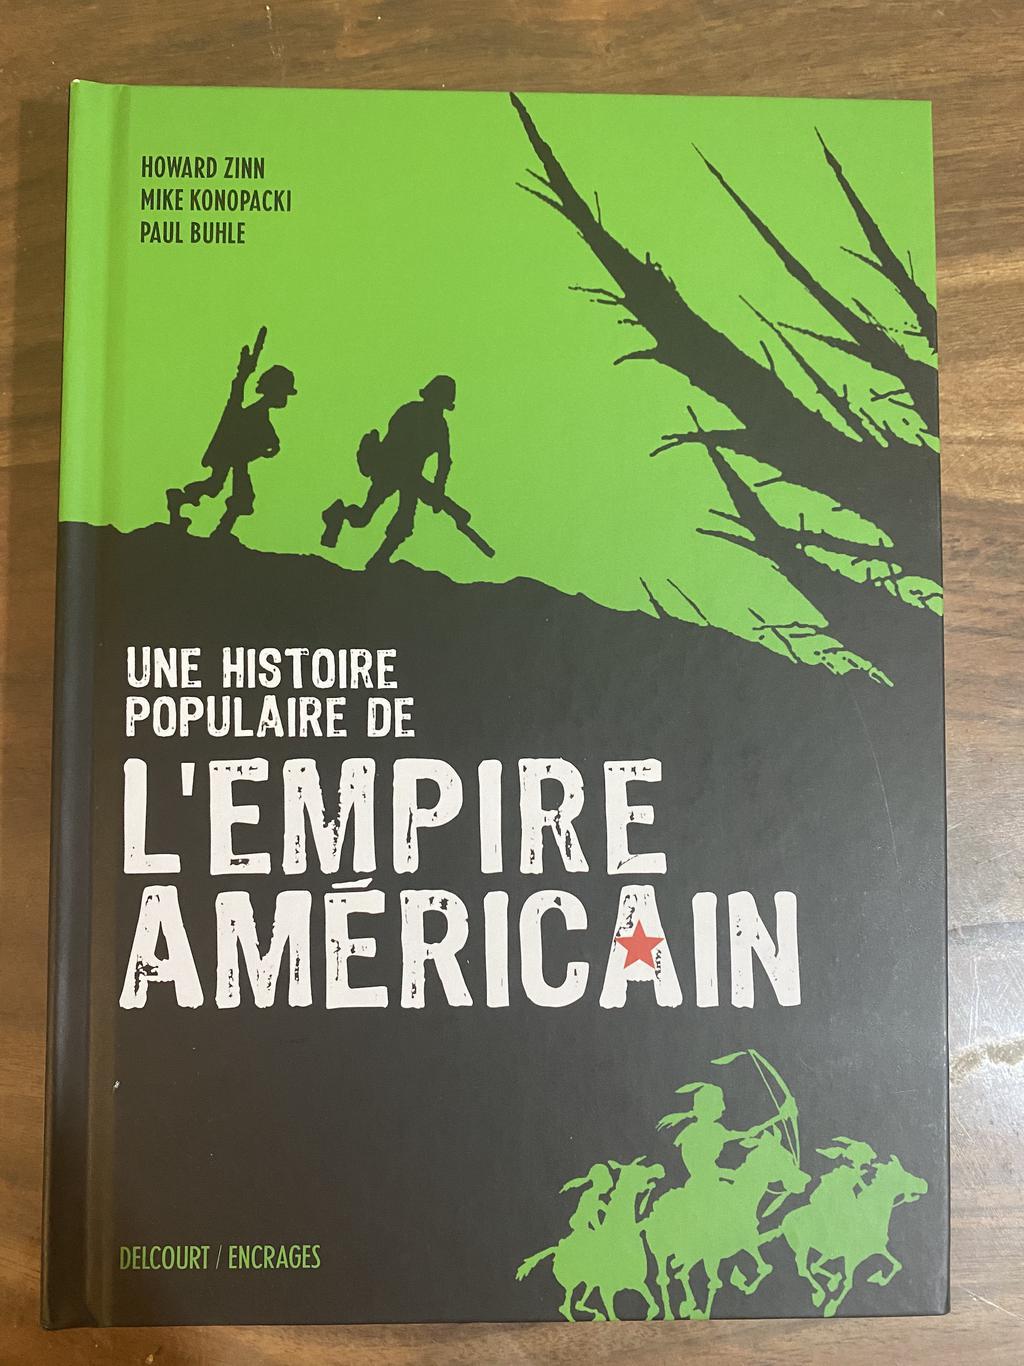 """image from """"Une Histoire Populaire de l'Empire Américain"""" de Howard Zin, Mike Konopacki et Paul Buhle"""